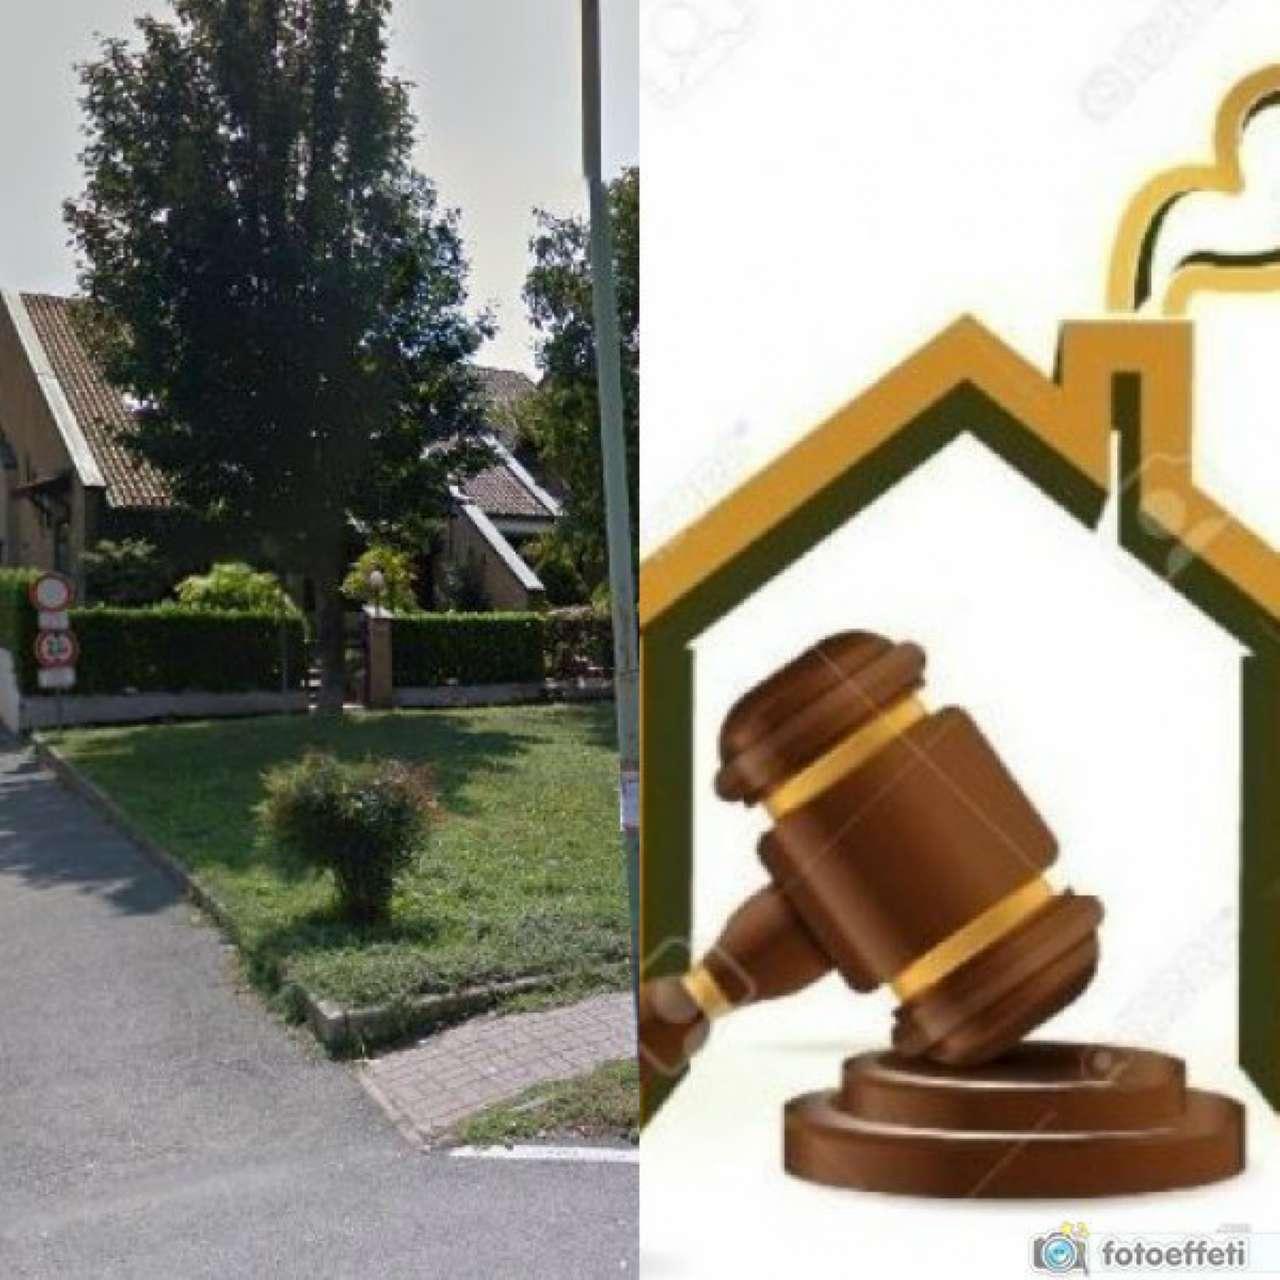 Villa in vendita a Buttigliera Alta, 5 locali, prezzo € 213.750 | CambioCasa.it